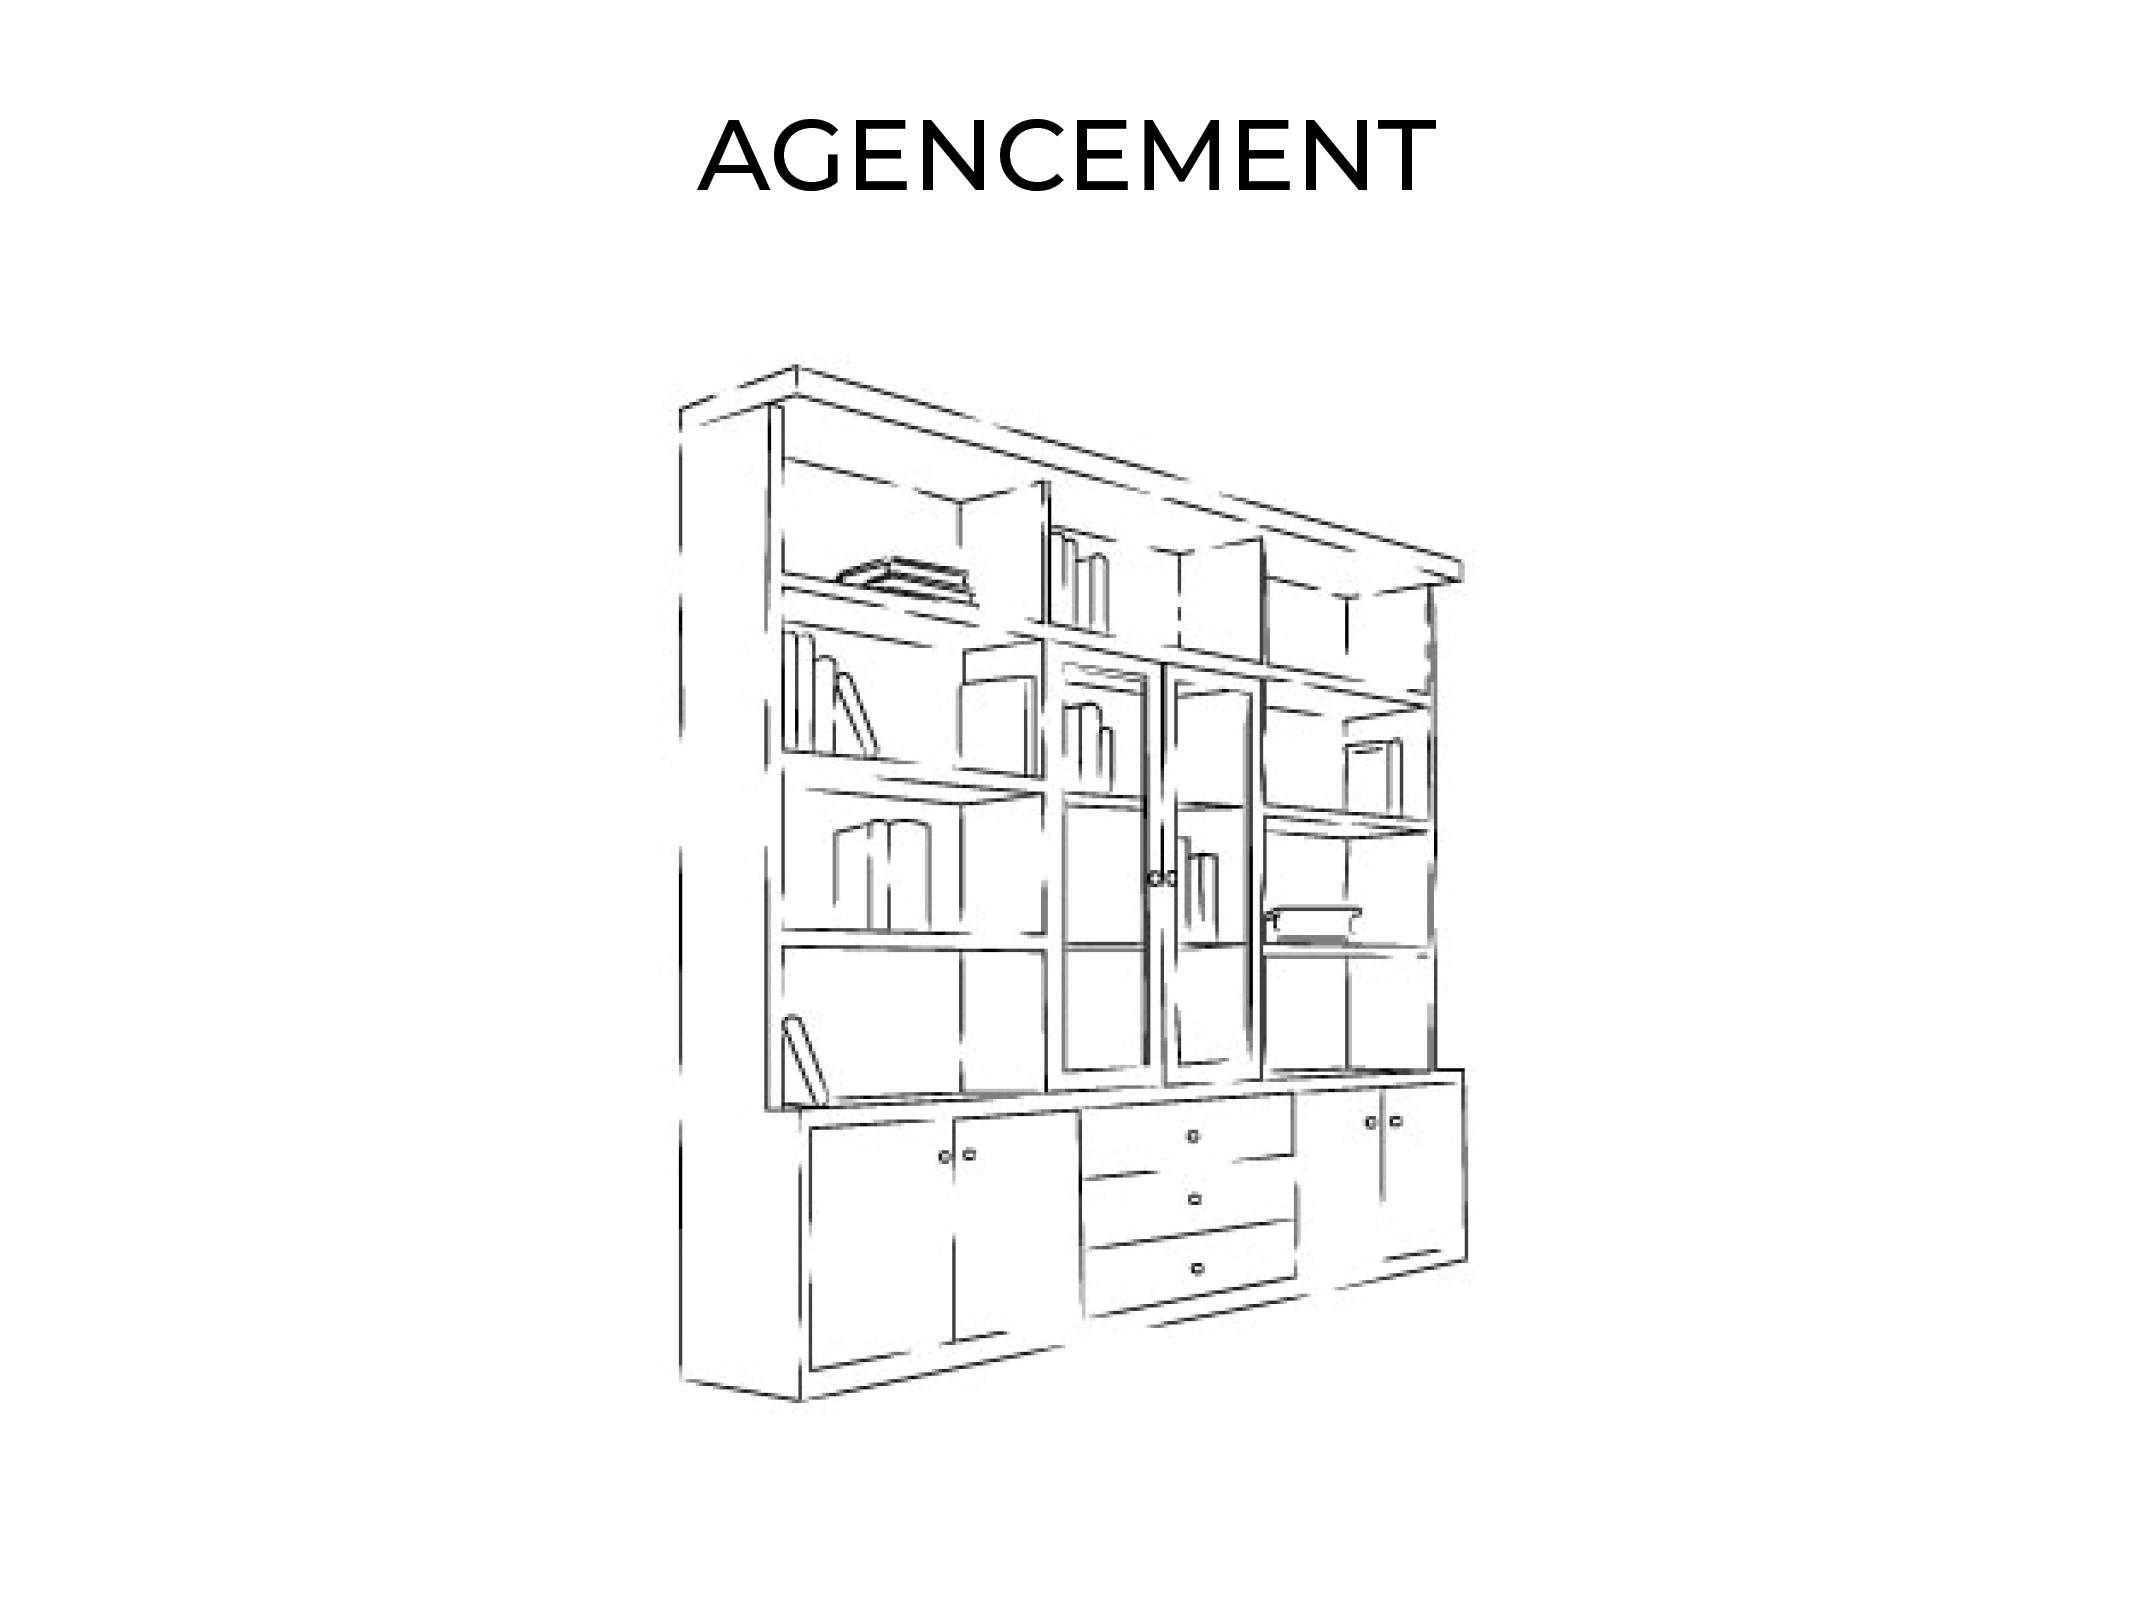 projets de création d'agencement